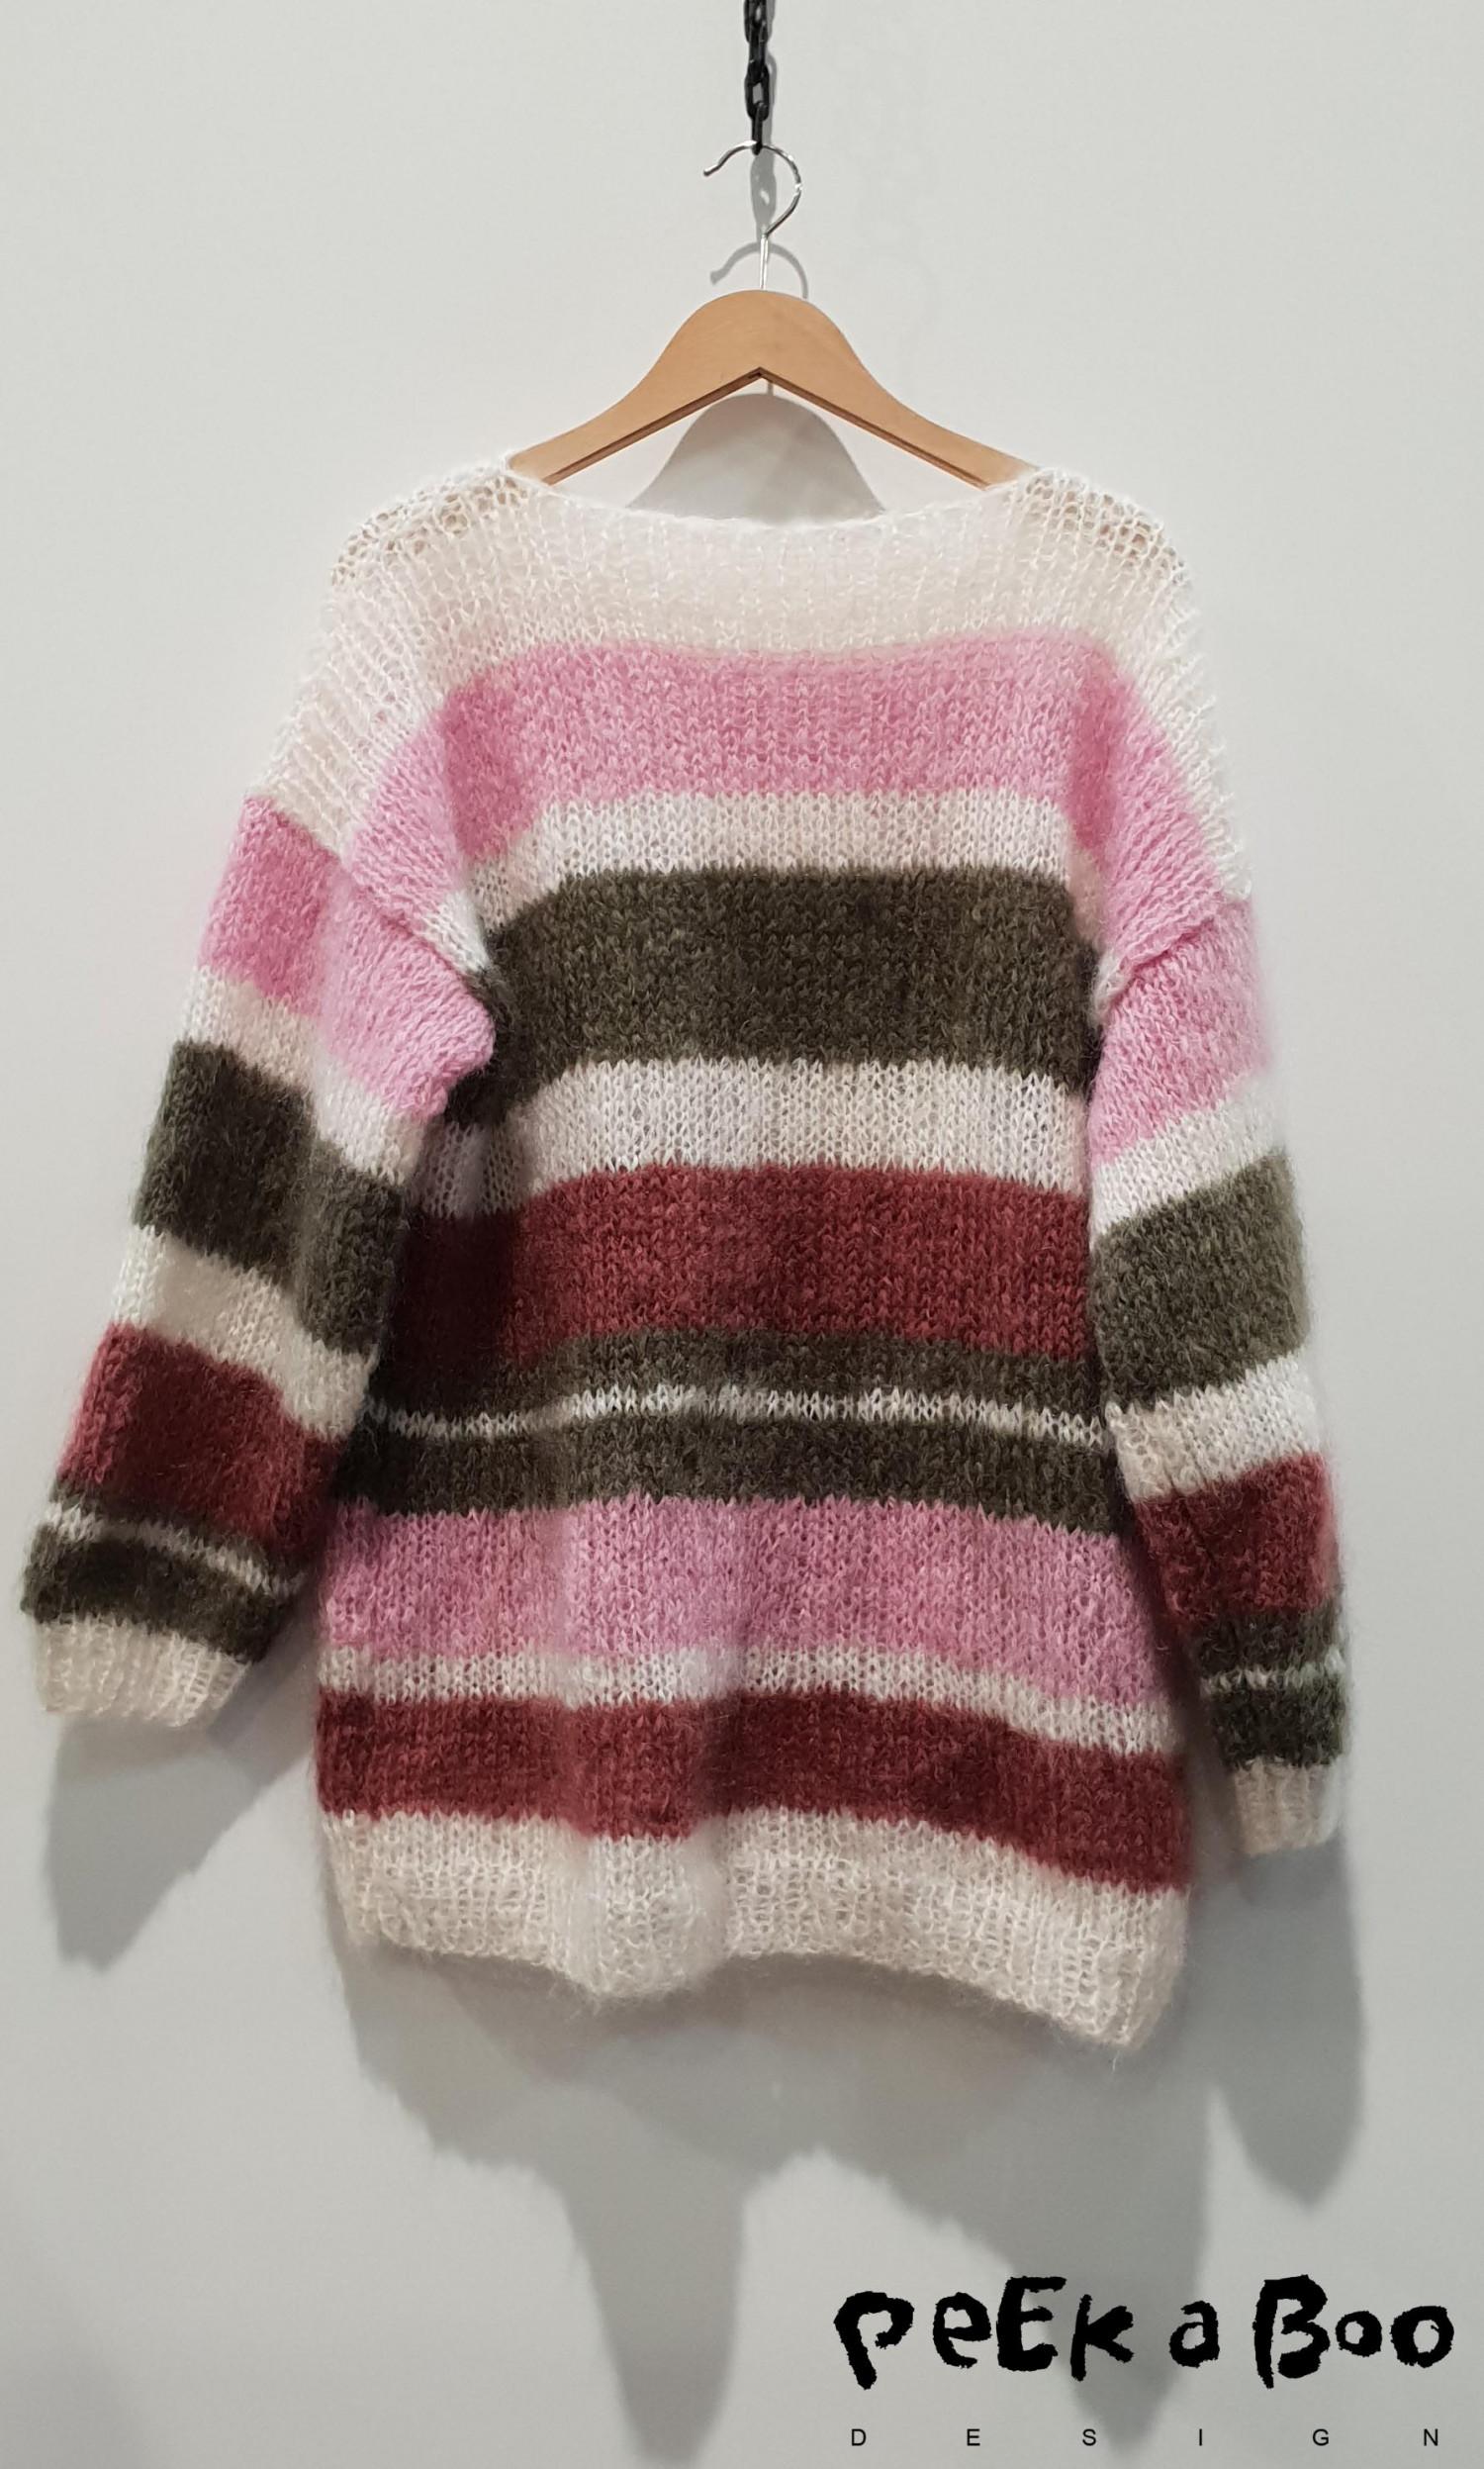 Wadils mohair knitwear. Den er mere klassisk , og vil helt sikkert blive en favorite i vintermånederne.